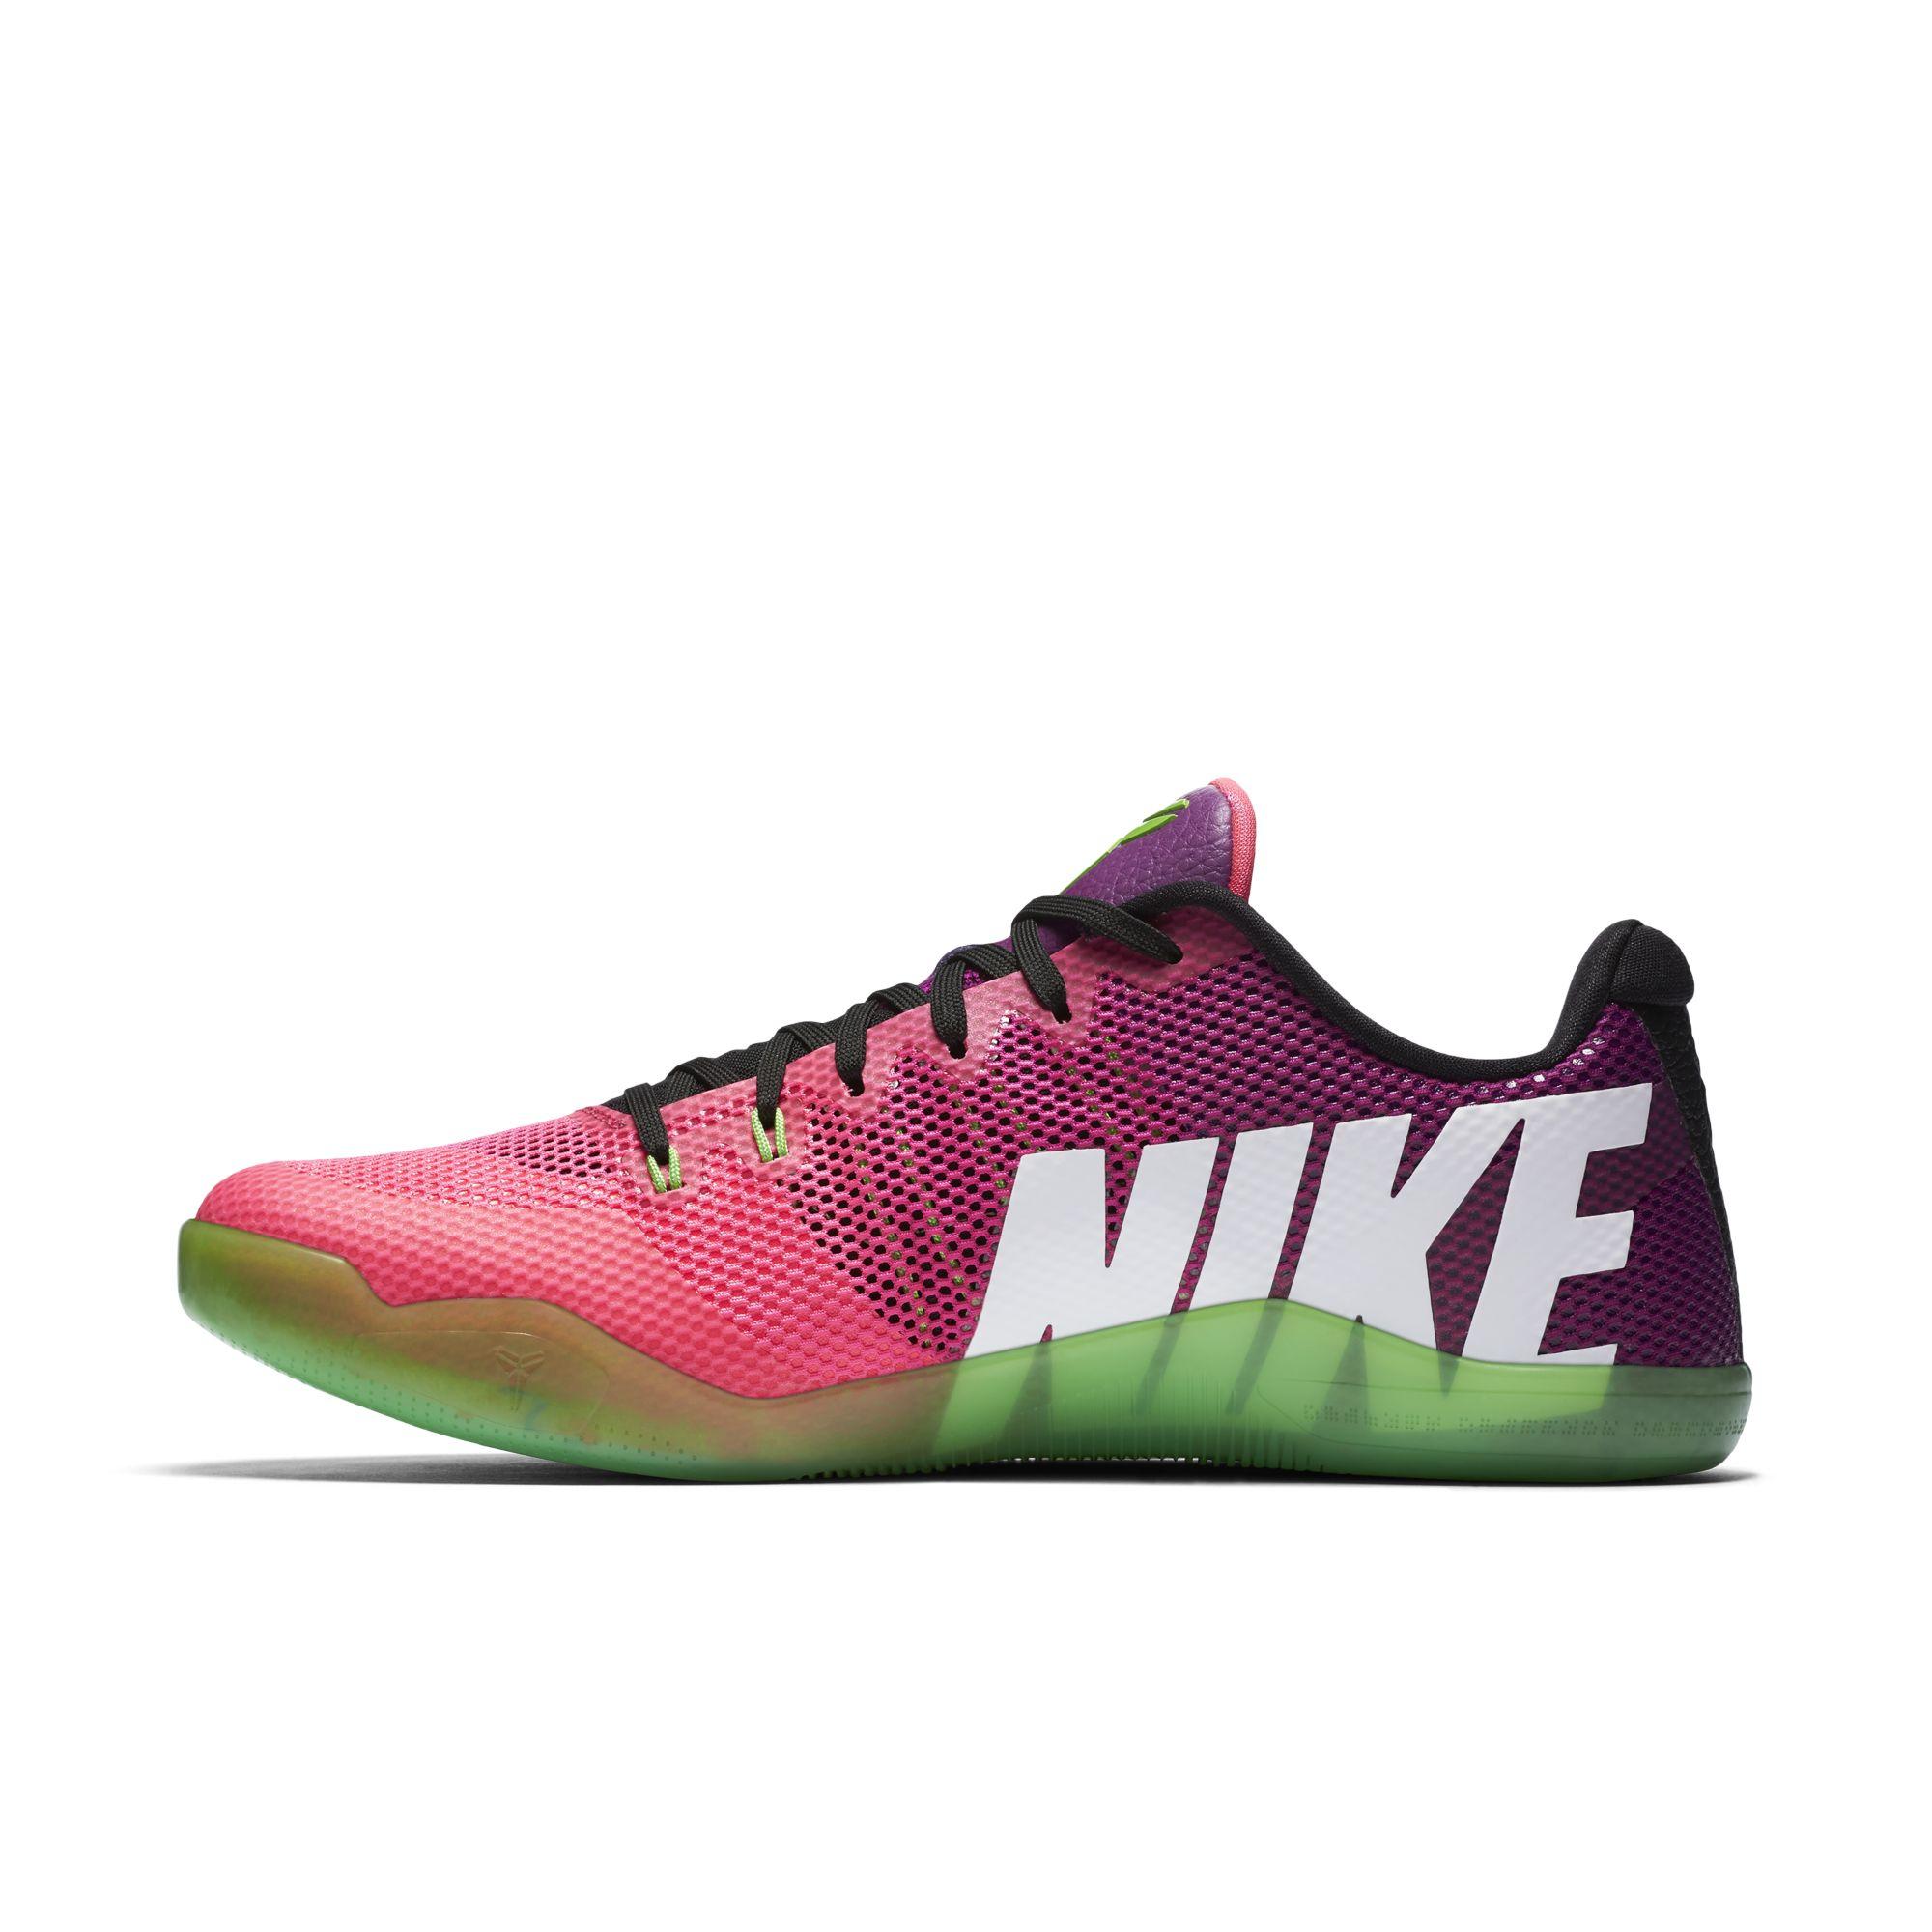 Kobe 11 Mambacurial Pink -5